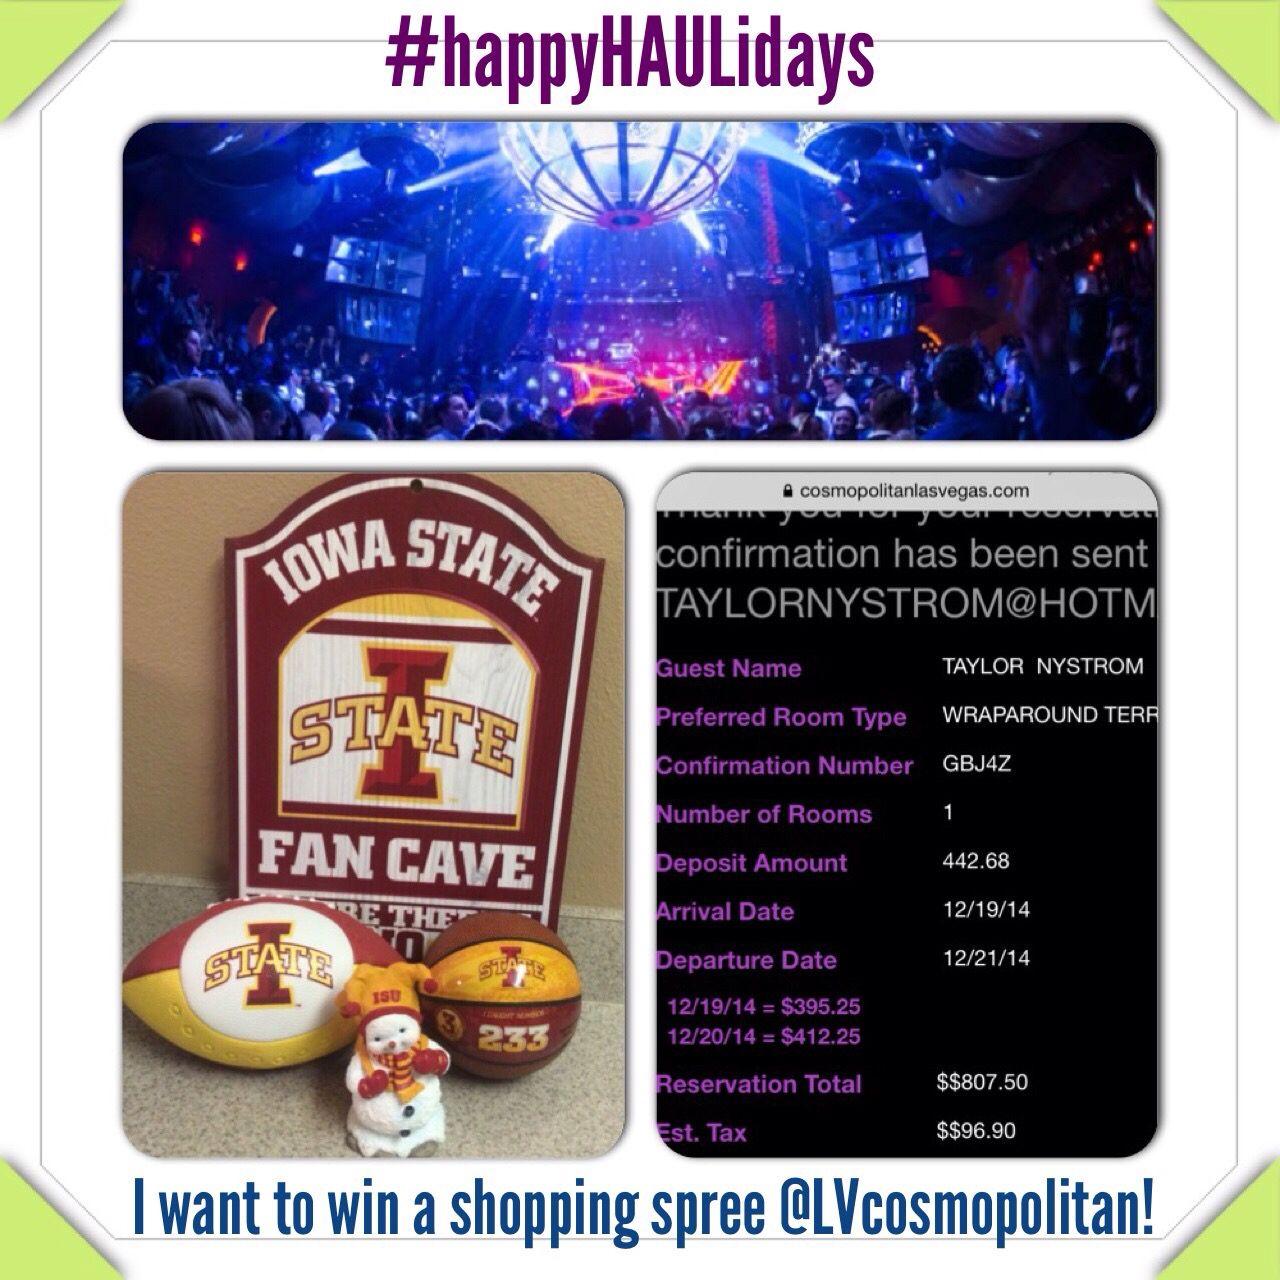 Vegas! #happyHAULidays I want to win a shopping spree @LVcosmopolitan